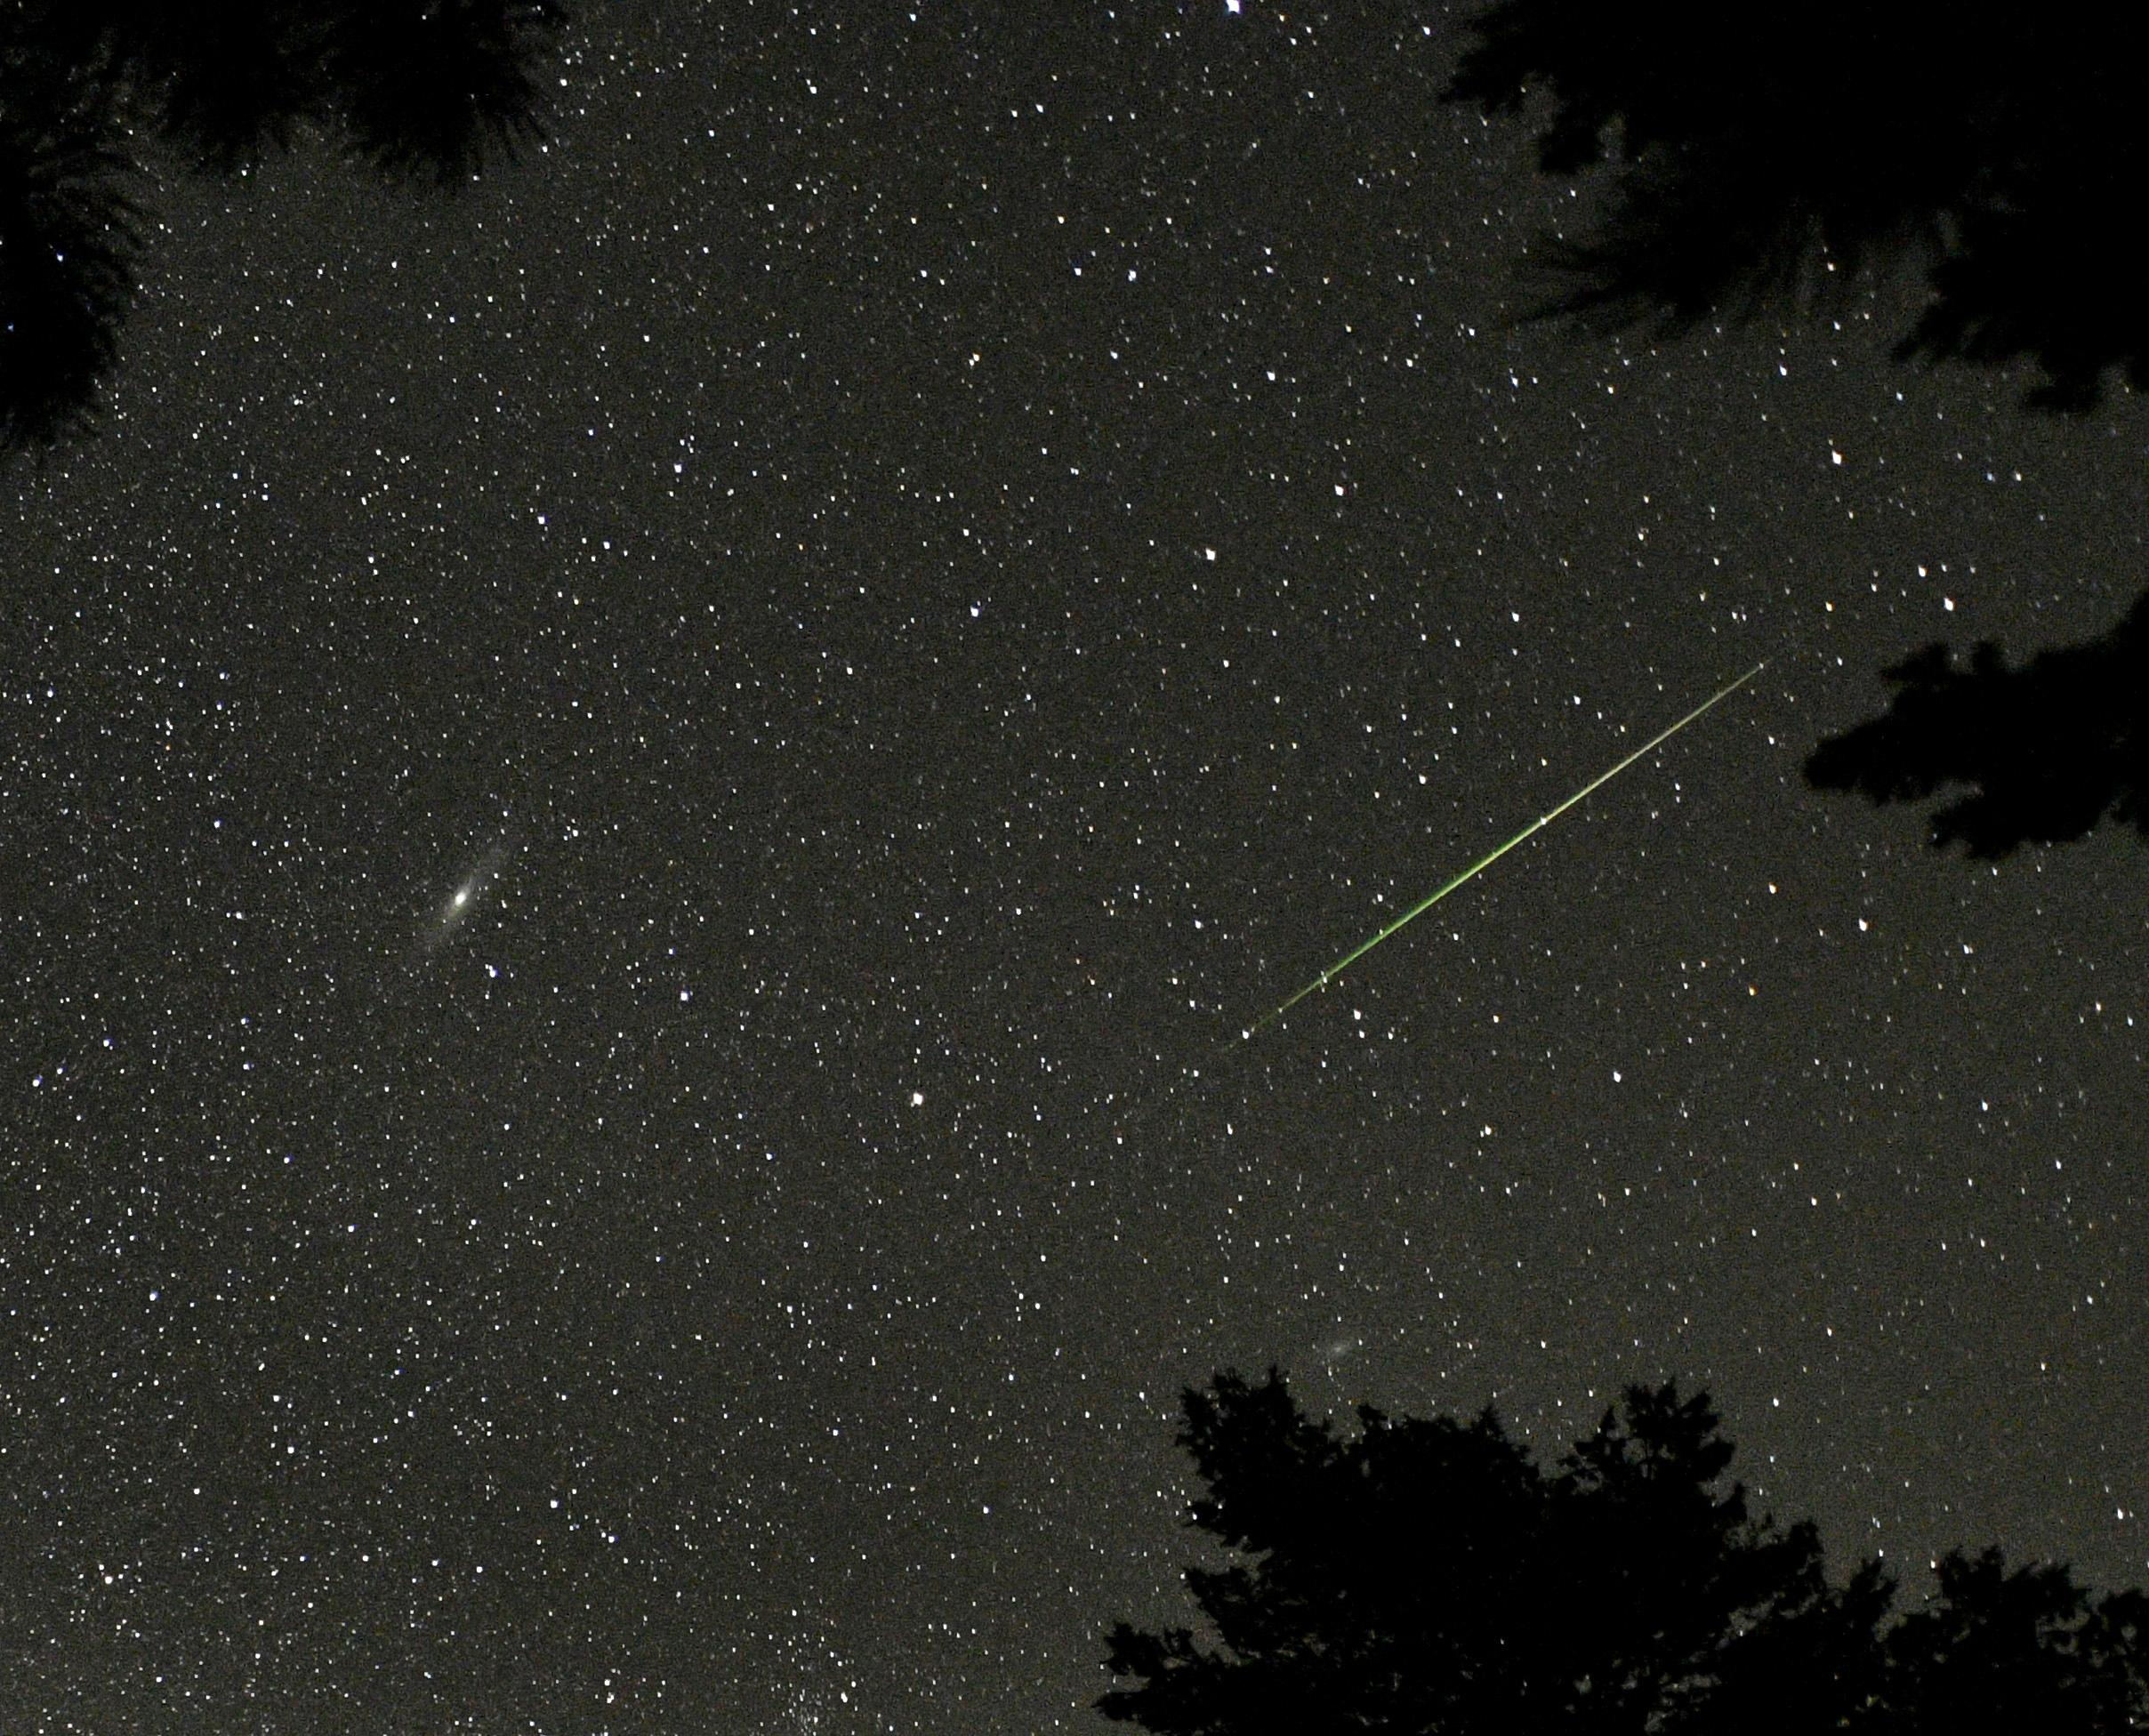 Földközeli aszteroidát fedeztek fel kínai csillagászok